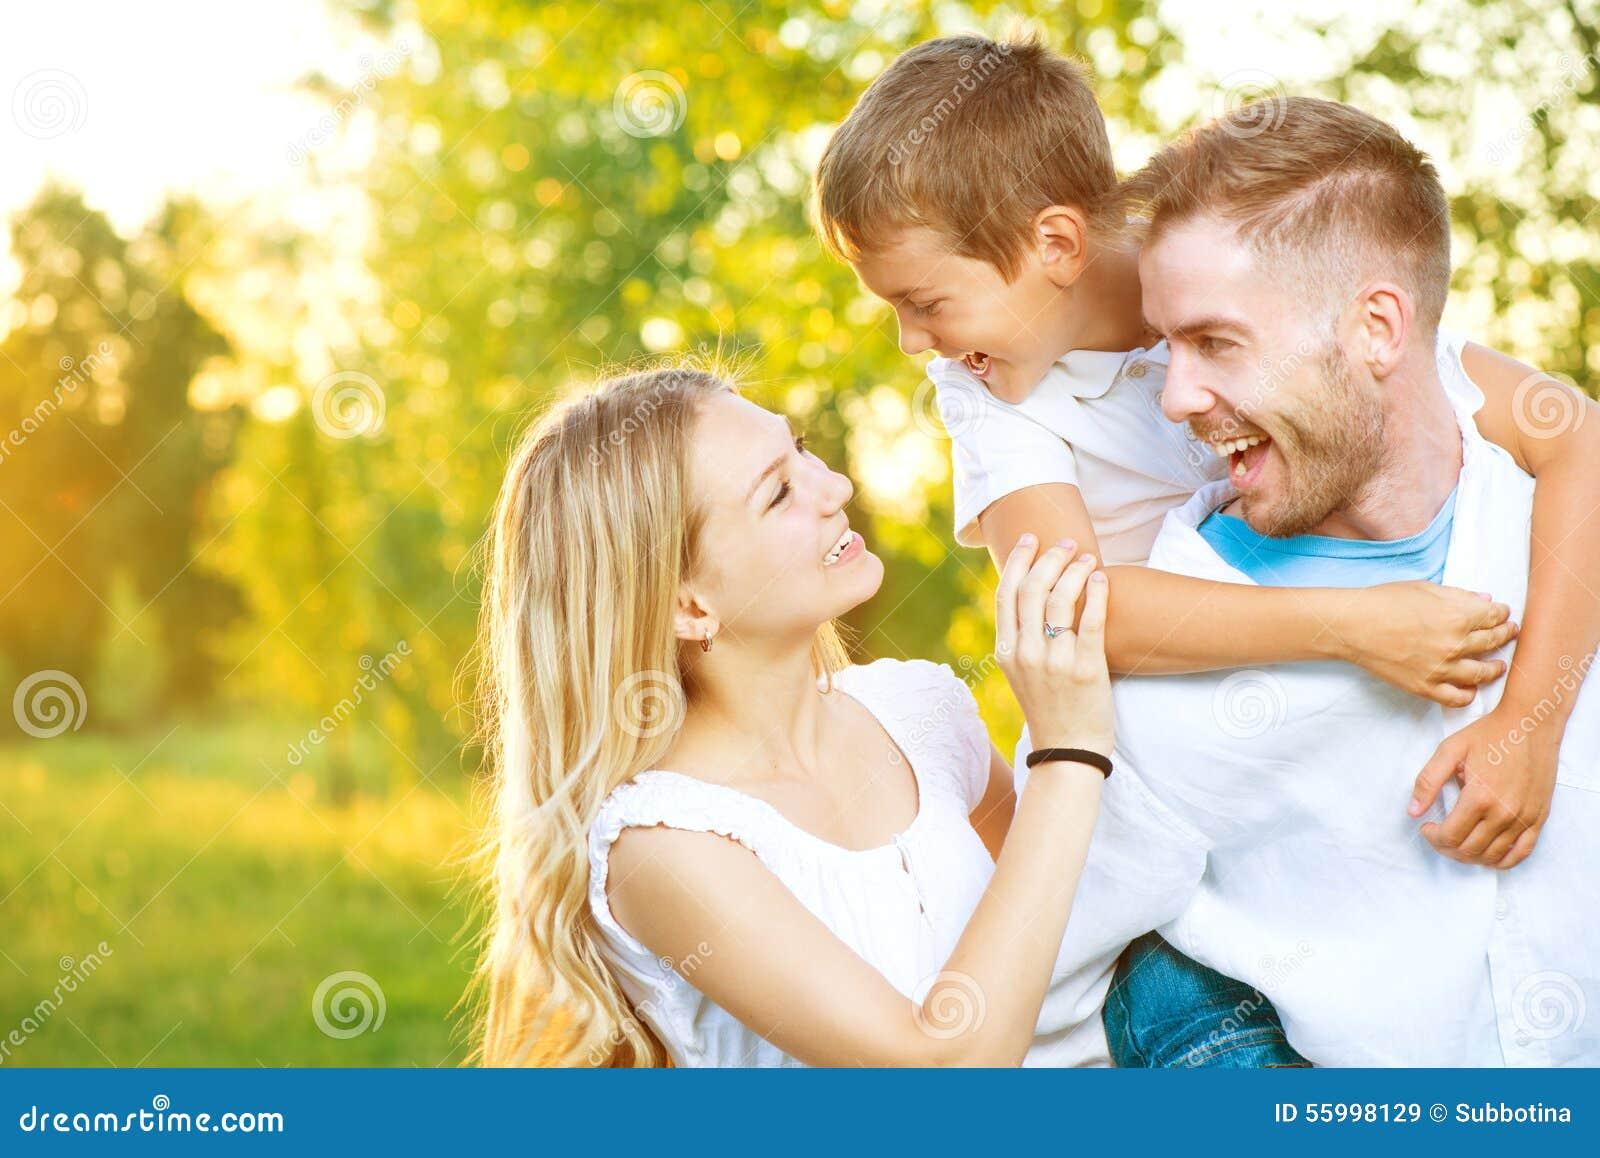 Glückliche junge Familie, die Spaß draußen hat